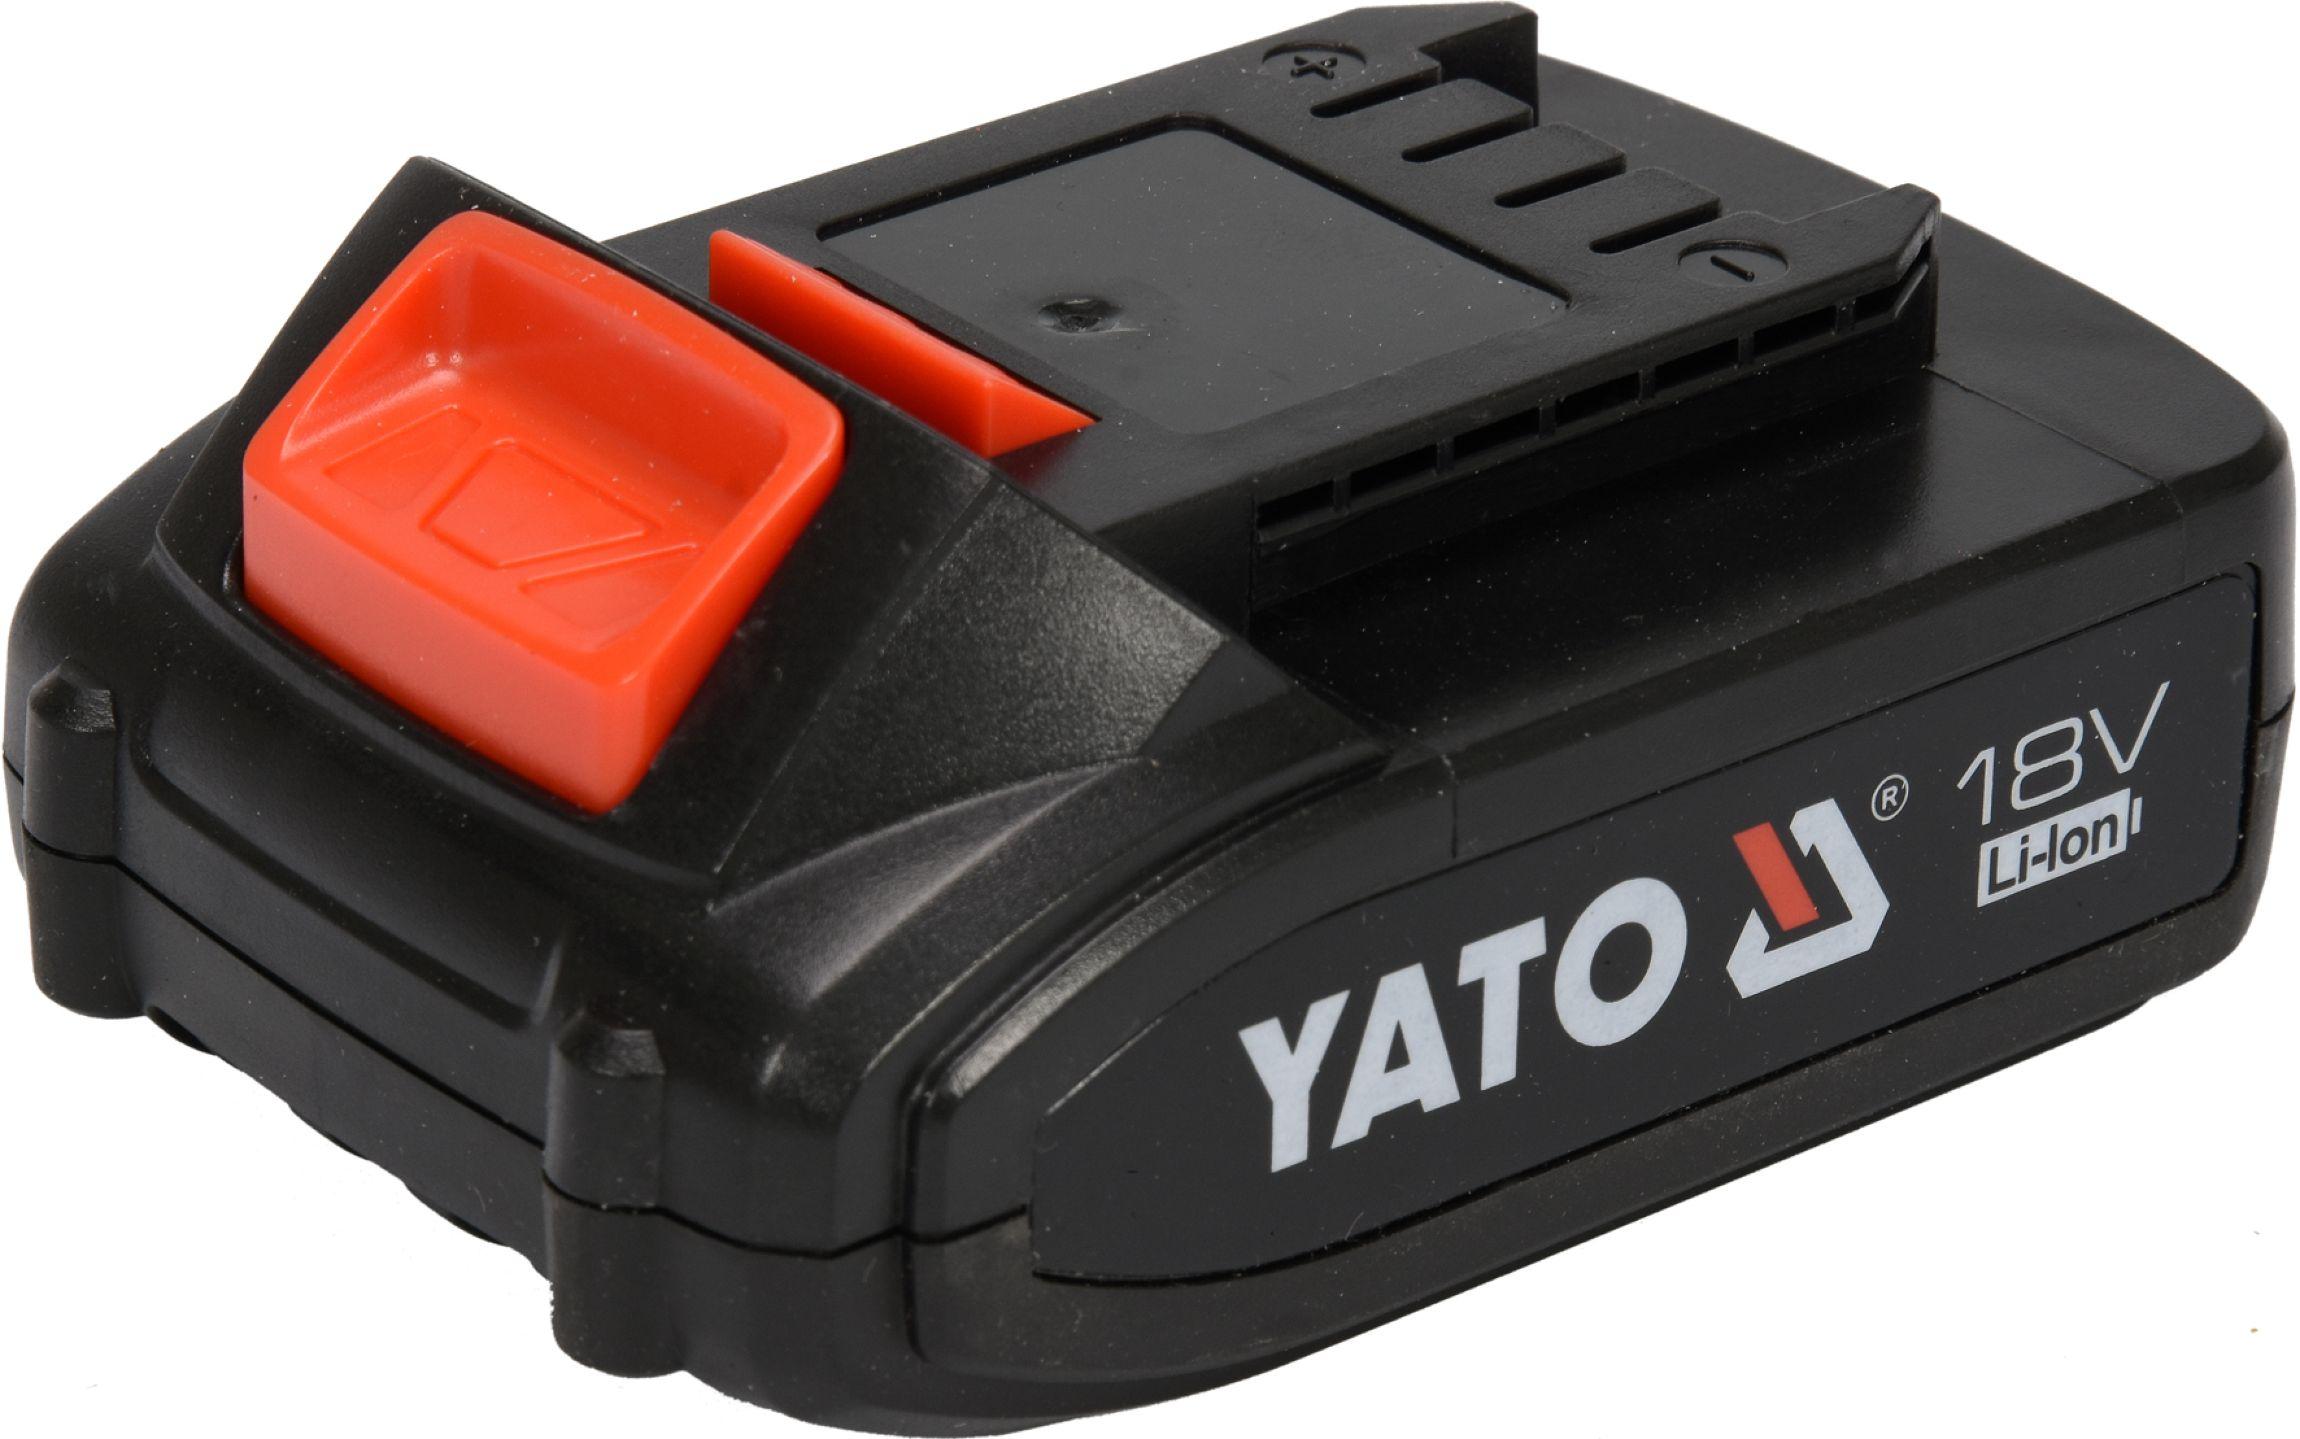 Baterie náhradní 18V Li-ion 2,0 AH (YT-82782, YT-82788,YT-82826,YT-82804)